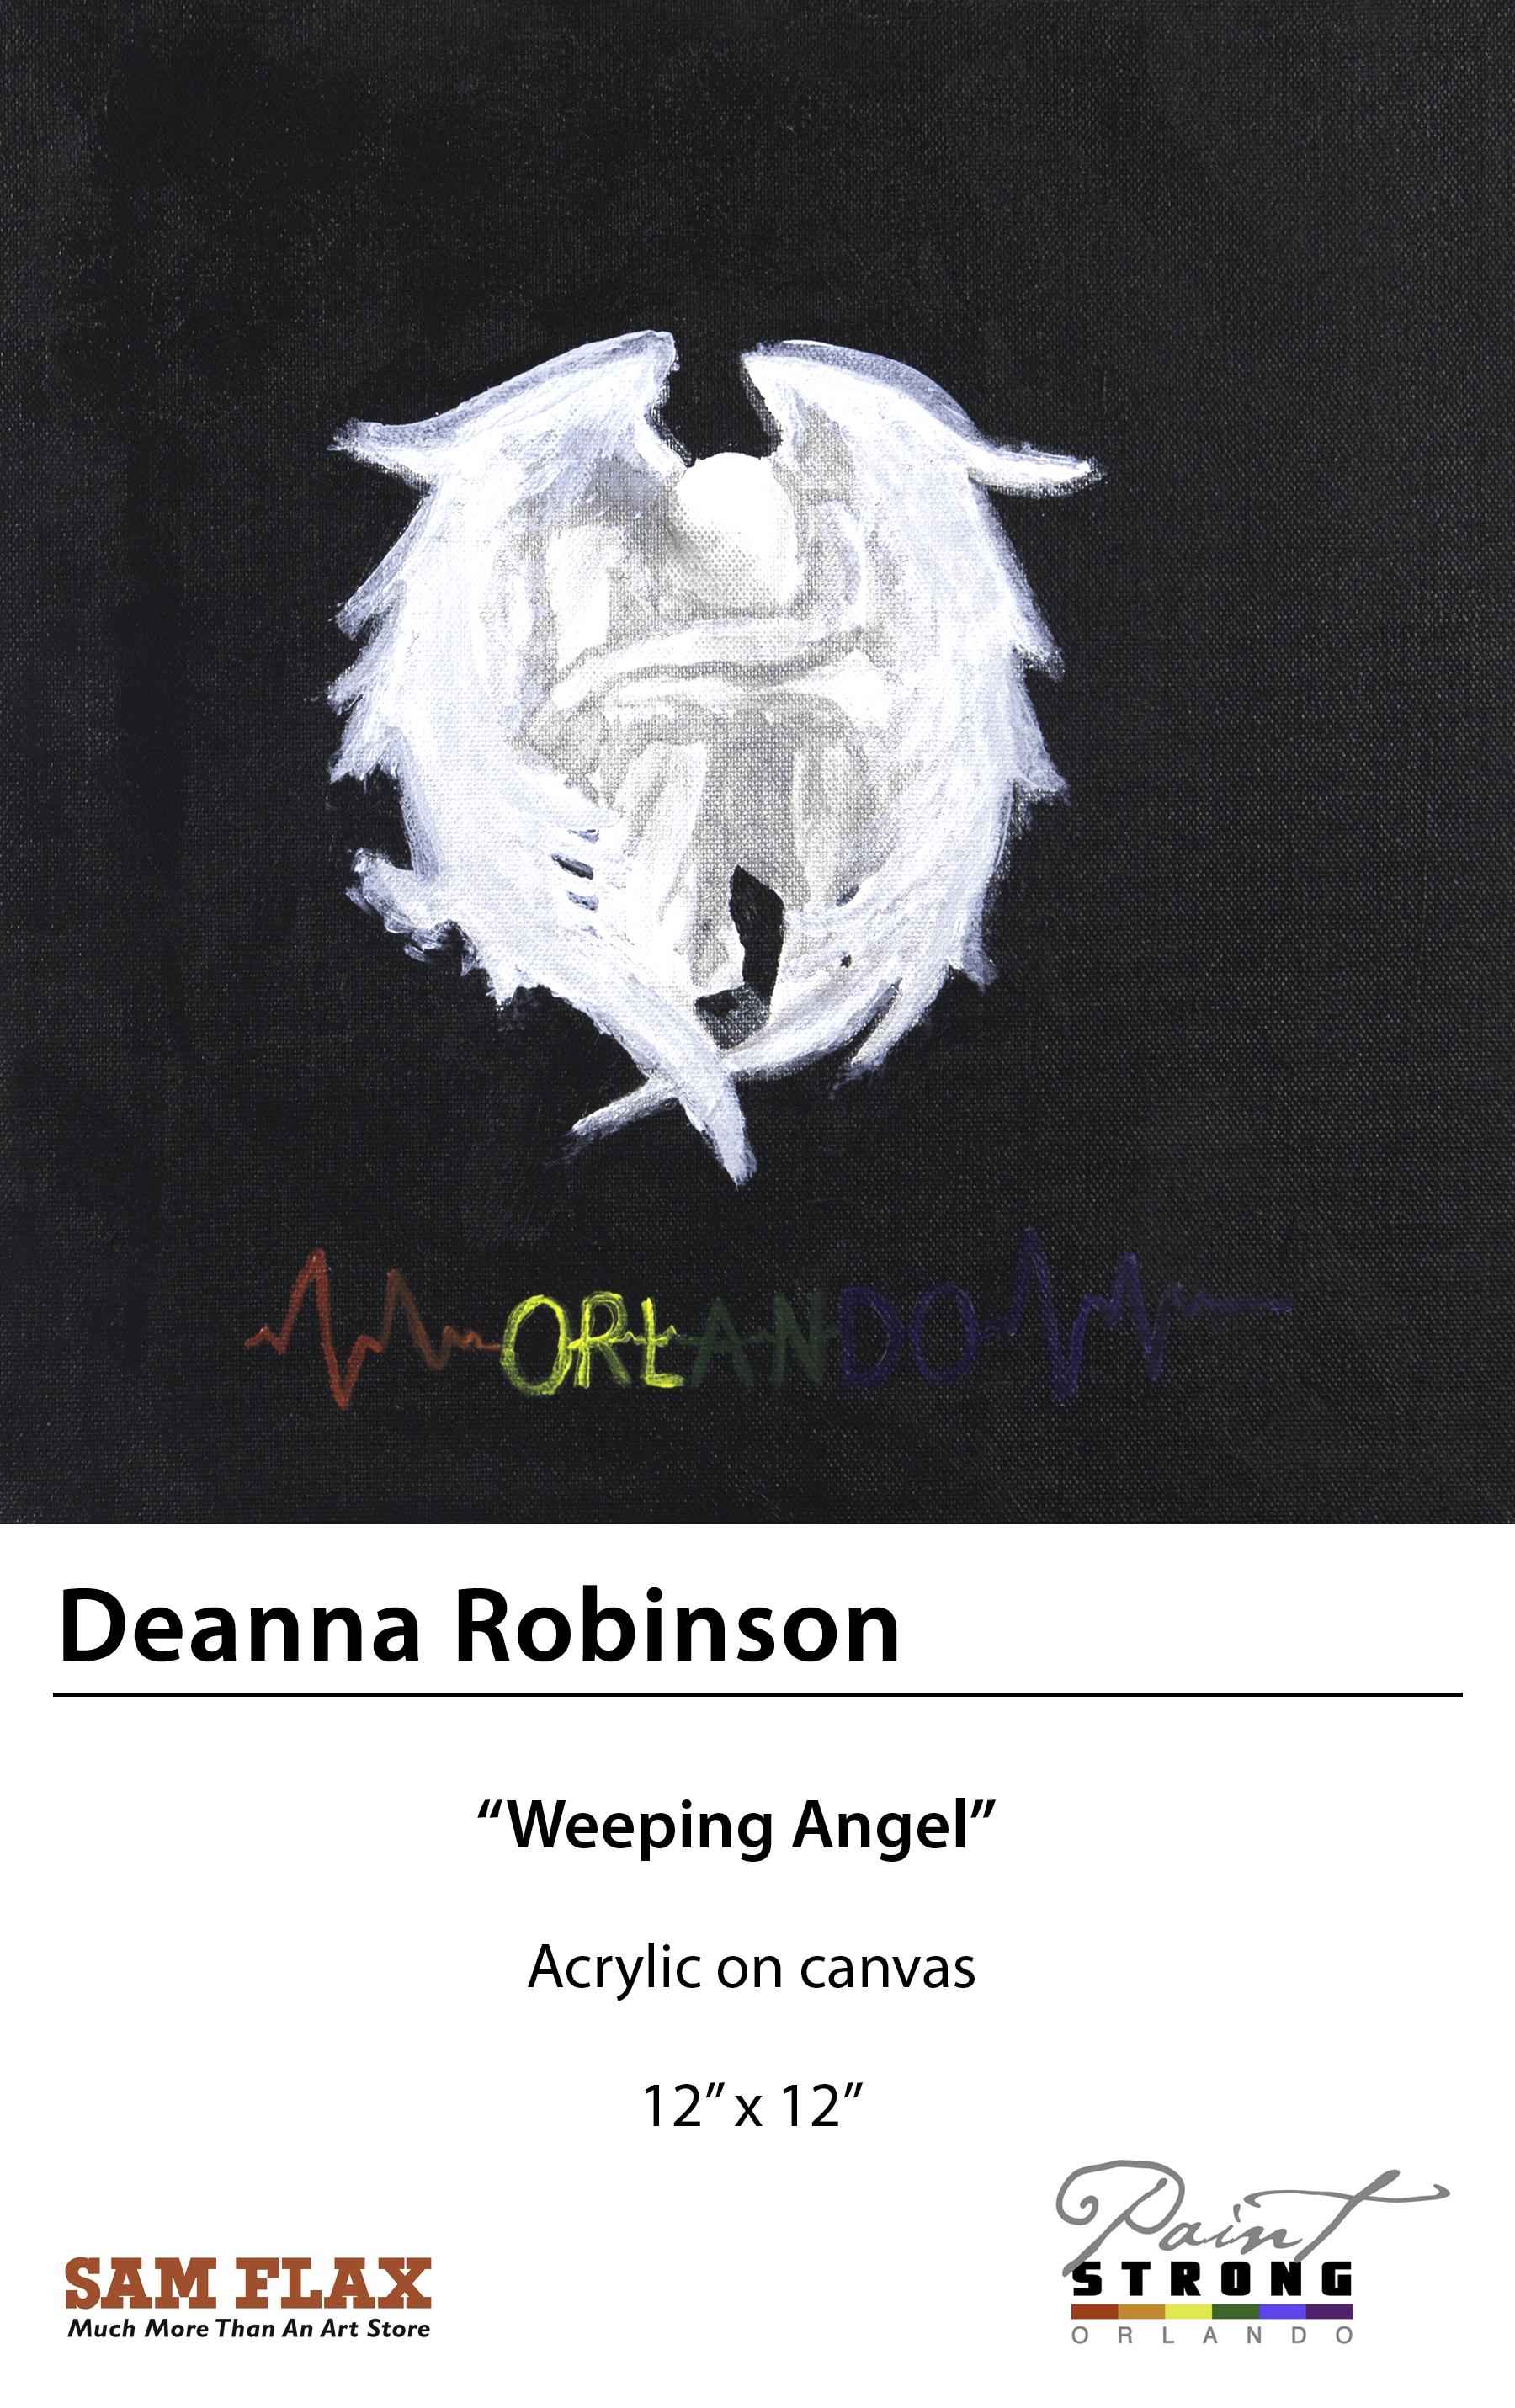 Deanna Robinson